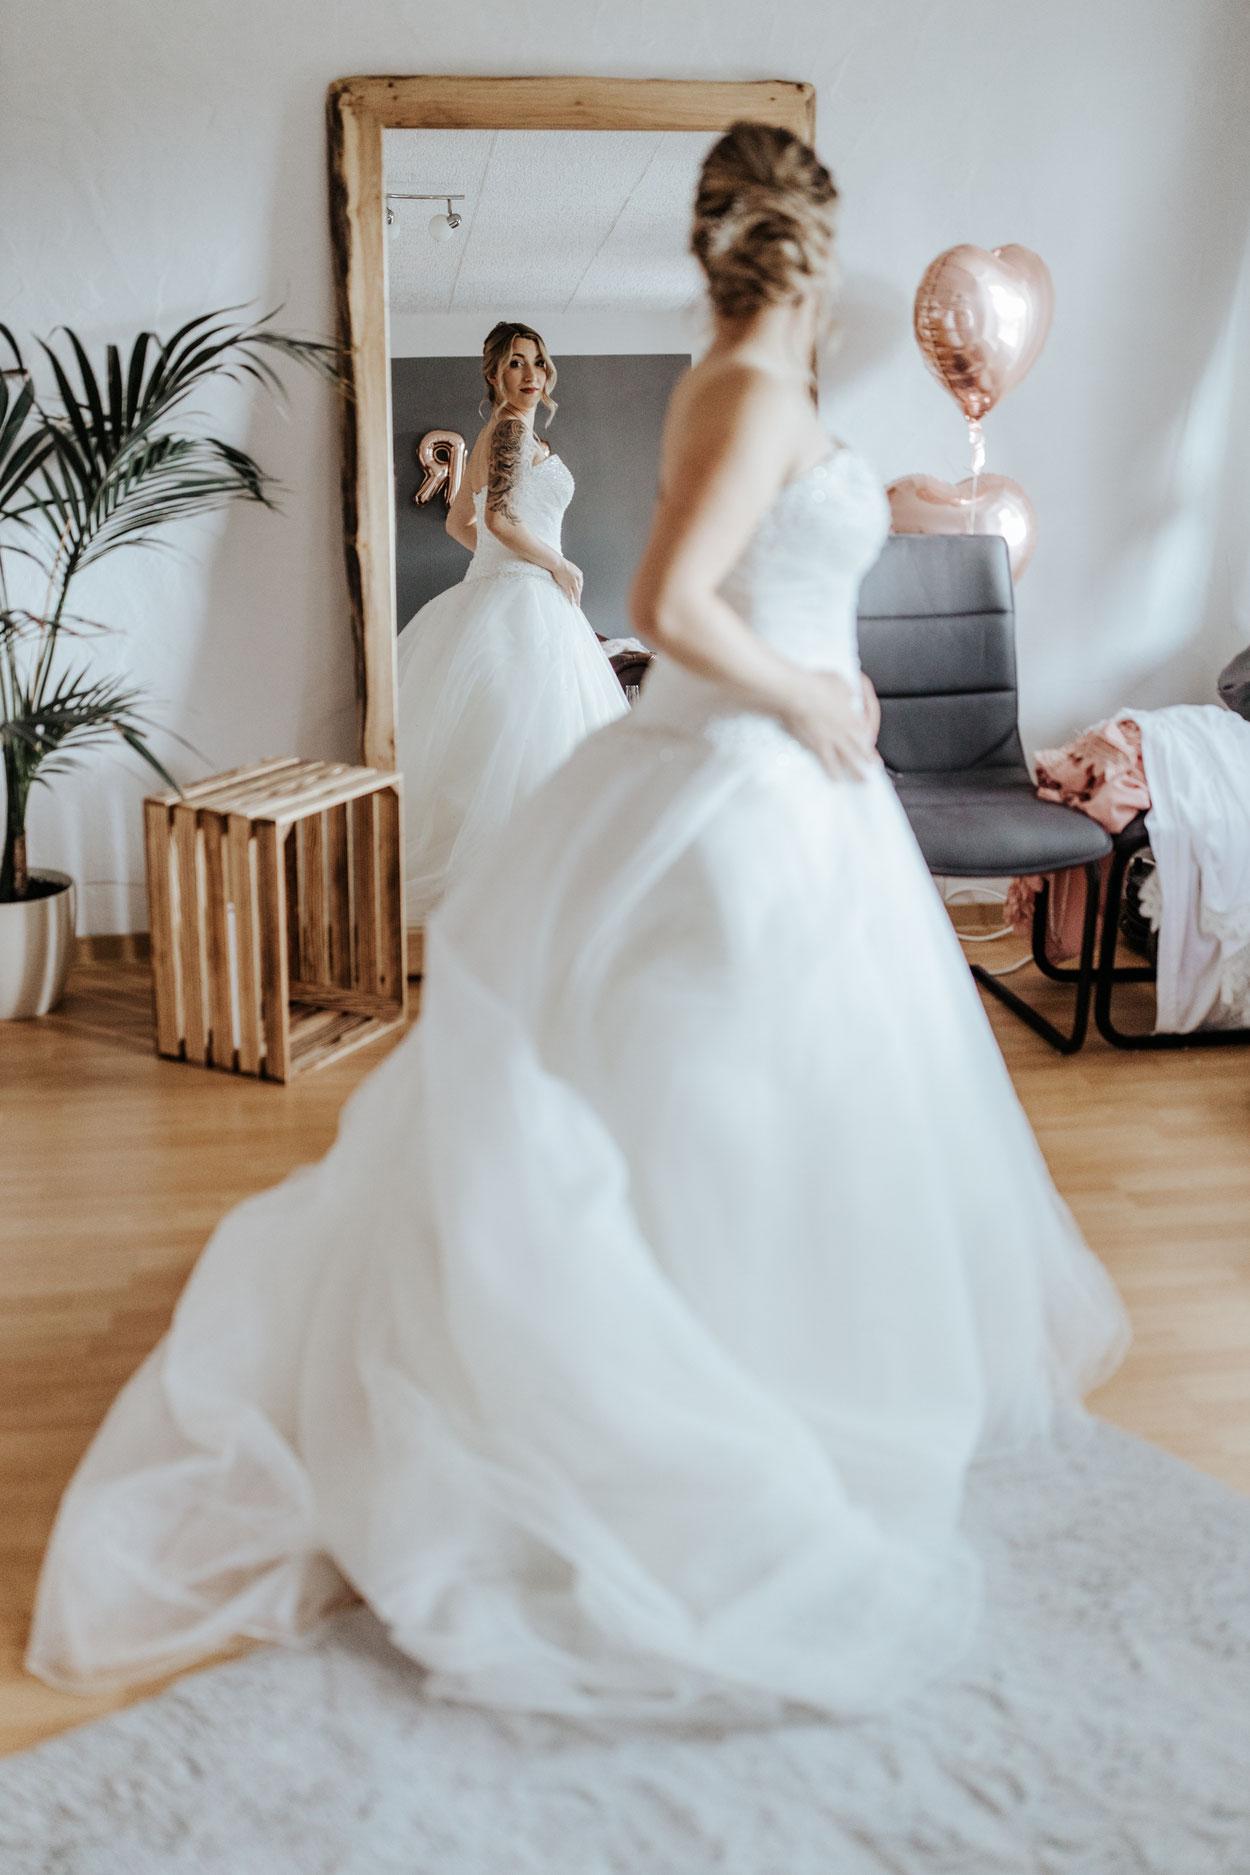 Hochzeitsfotograf Saarland - Fotograf Kai Kreutzer 615 Saarbrücken, Saarlouis, Merzig, St. Wendel